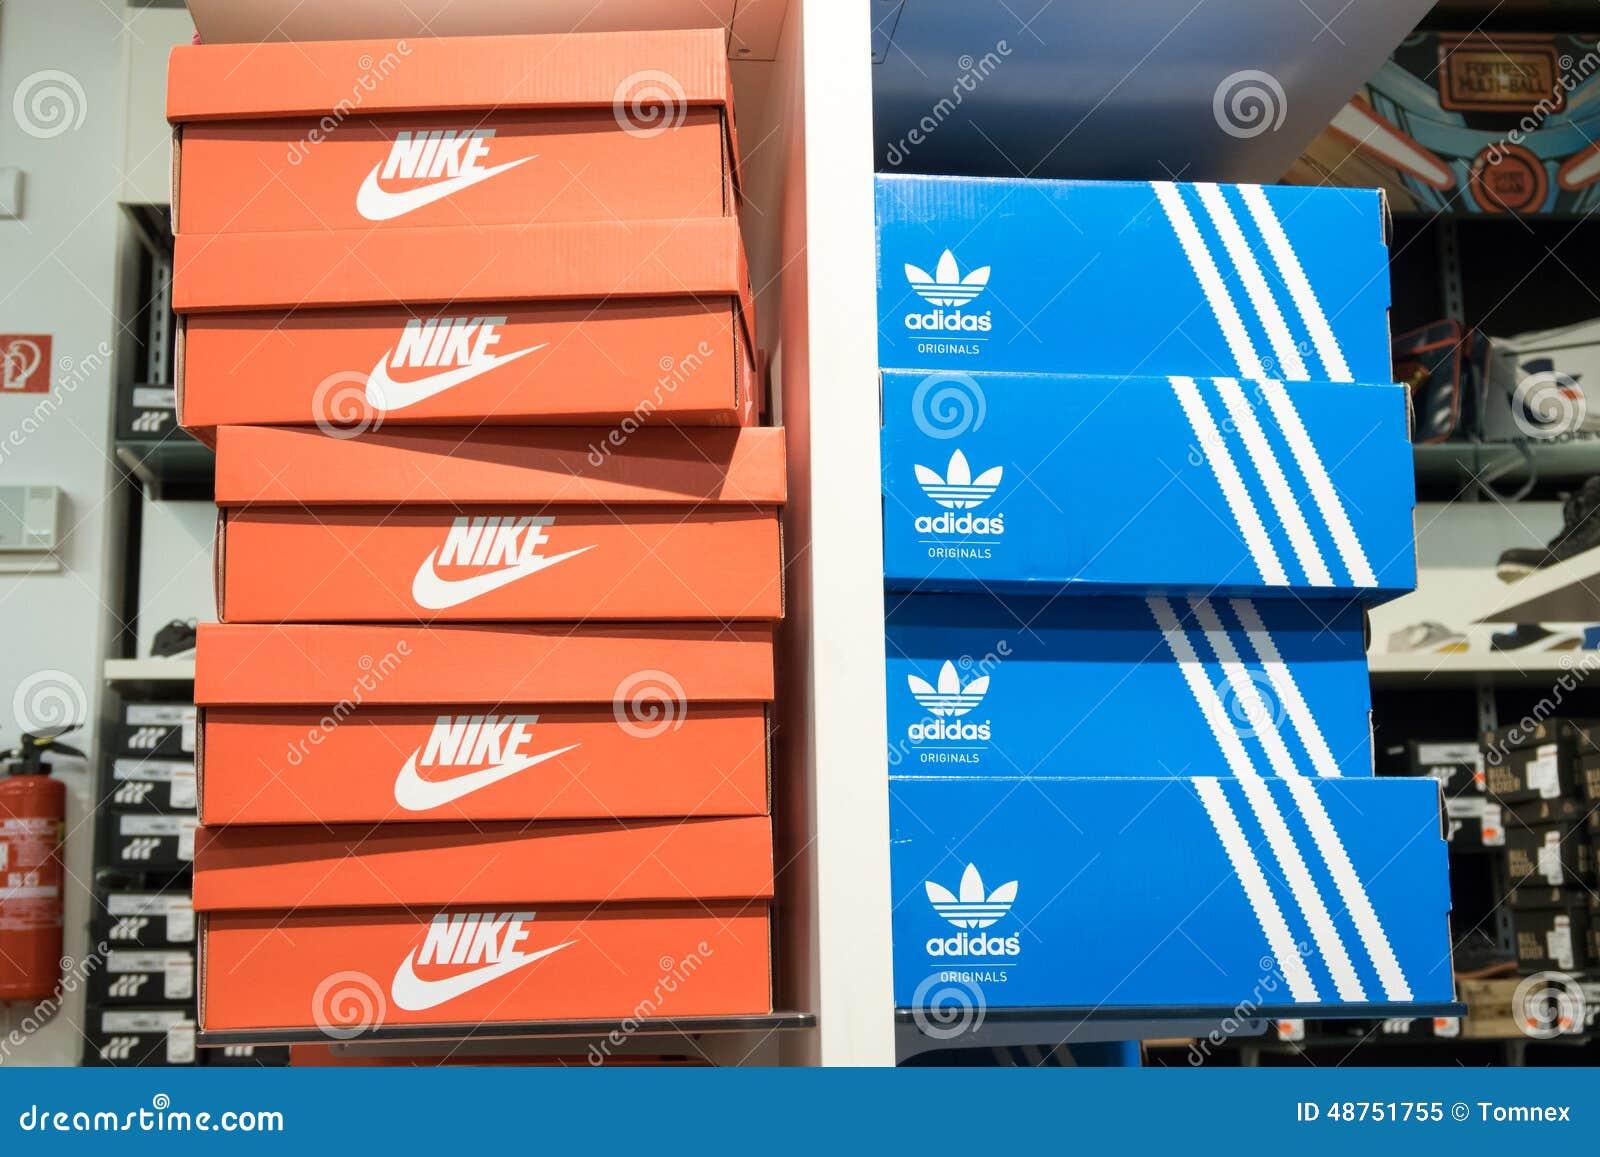 nike e adidas (immagine di nike, copyspace 48751755